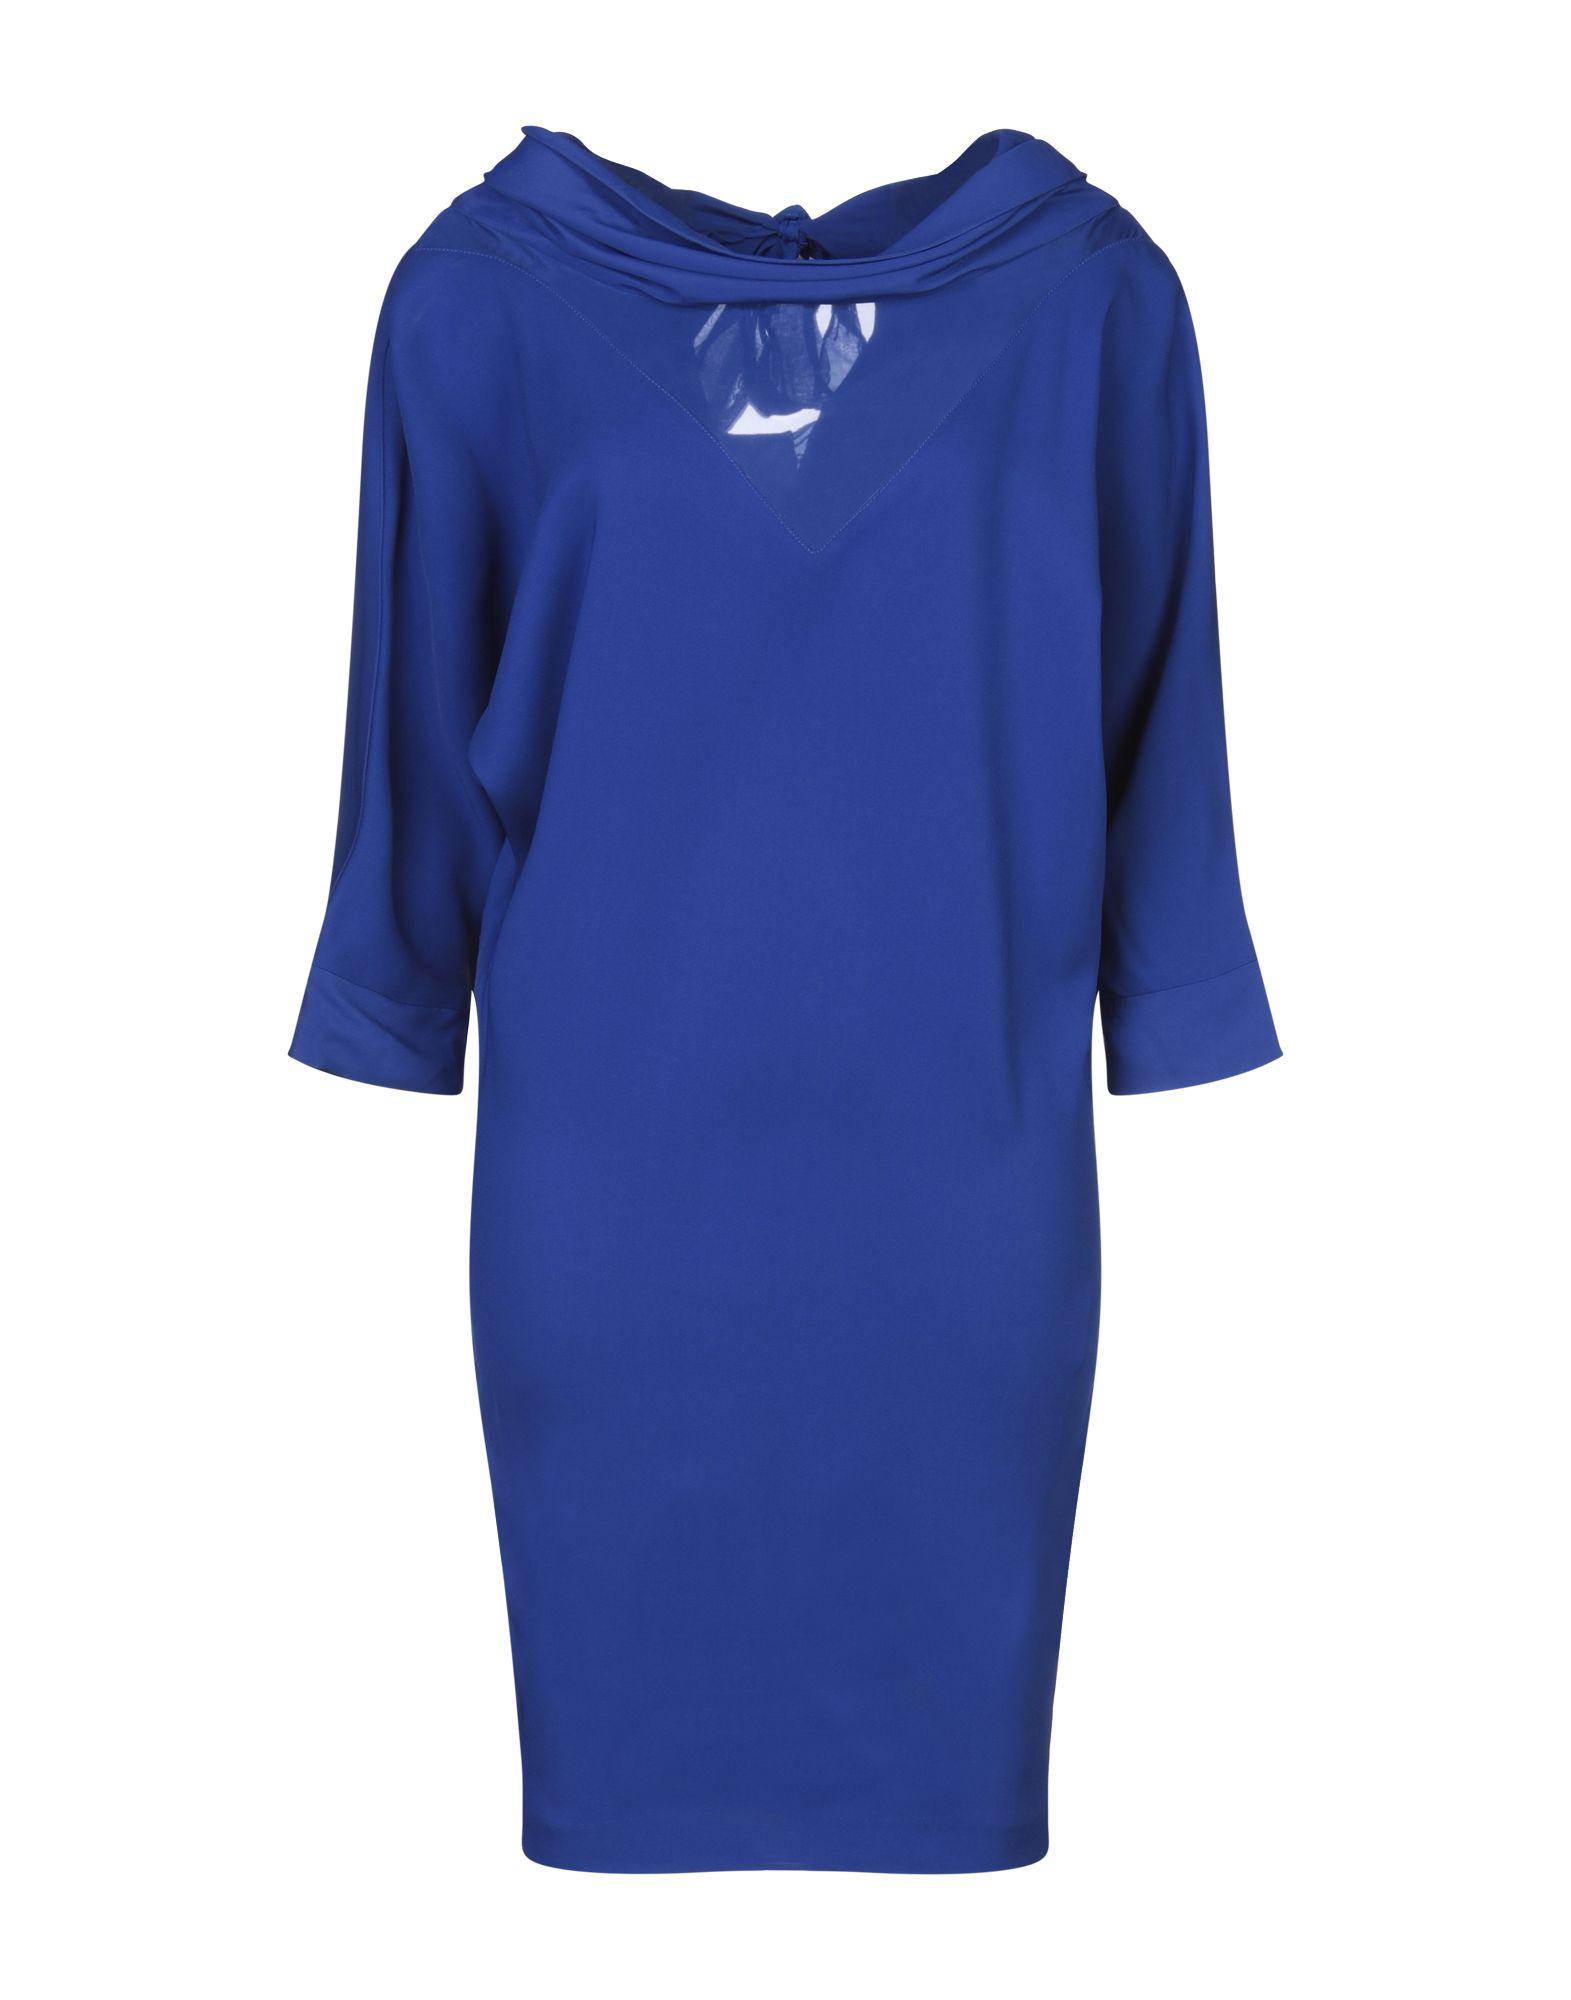 Vestito Corto Cristinaeffe Donna - Acquista online su 7r2HX9NMck